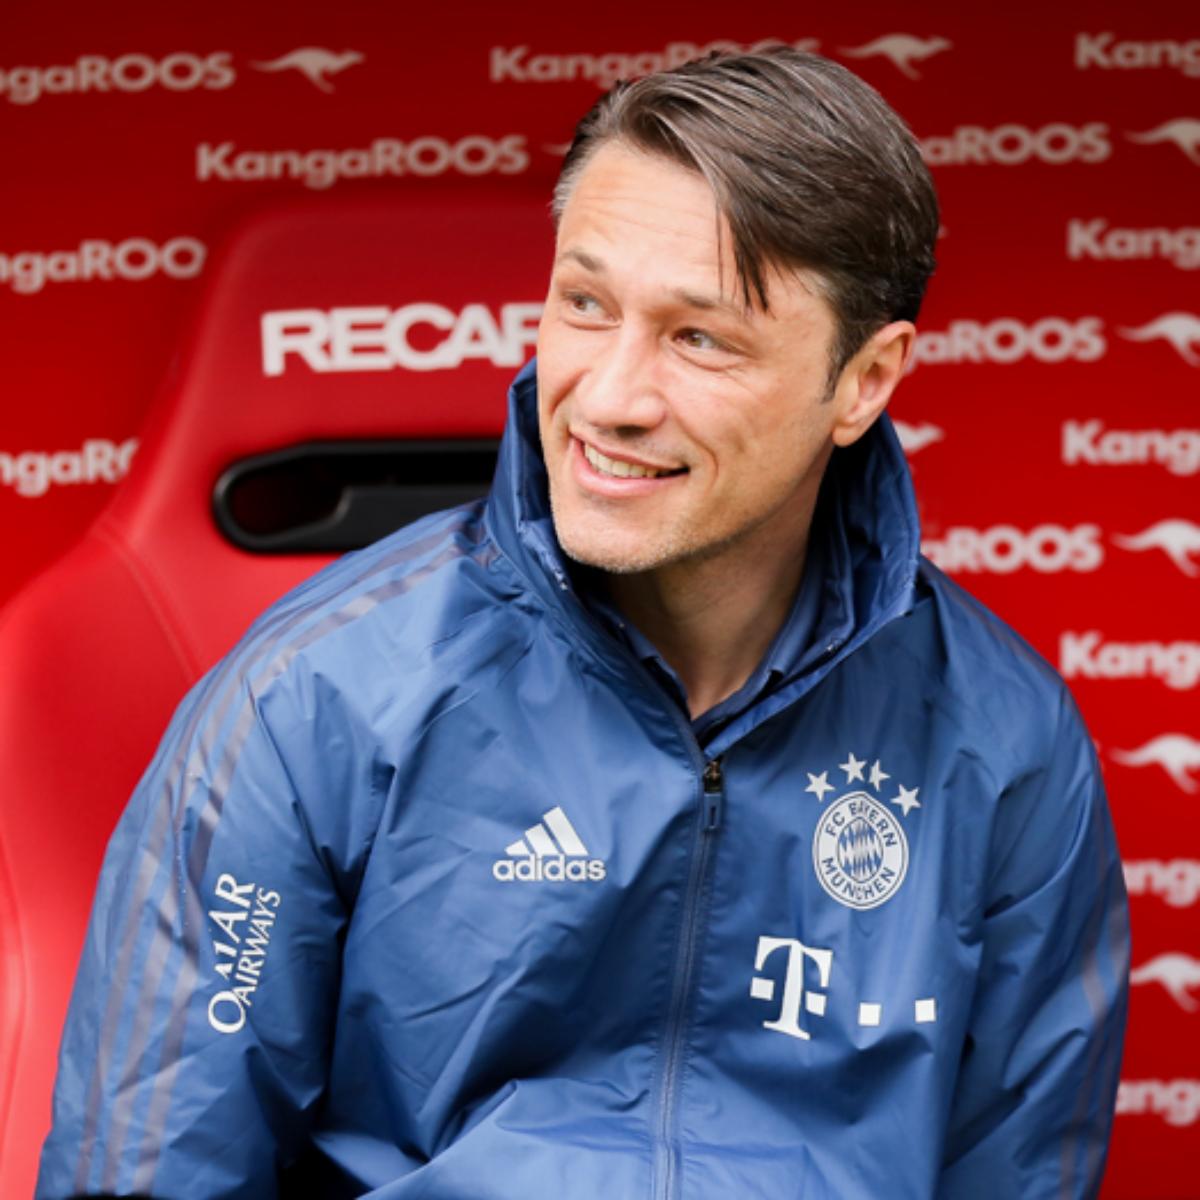 Kovacs Abgang ist der späteste erste Trainerwechsel der Bundesliga seit 20 Jahren